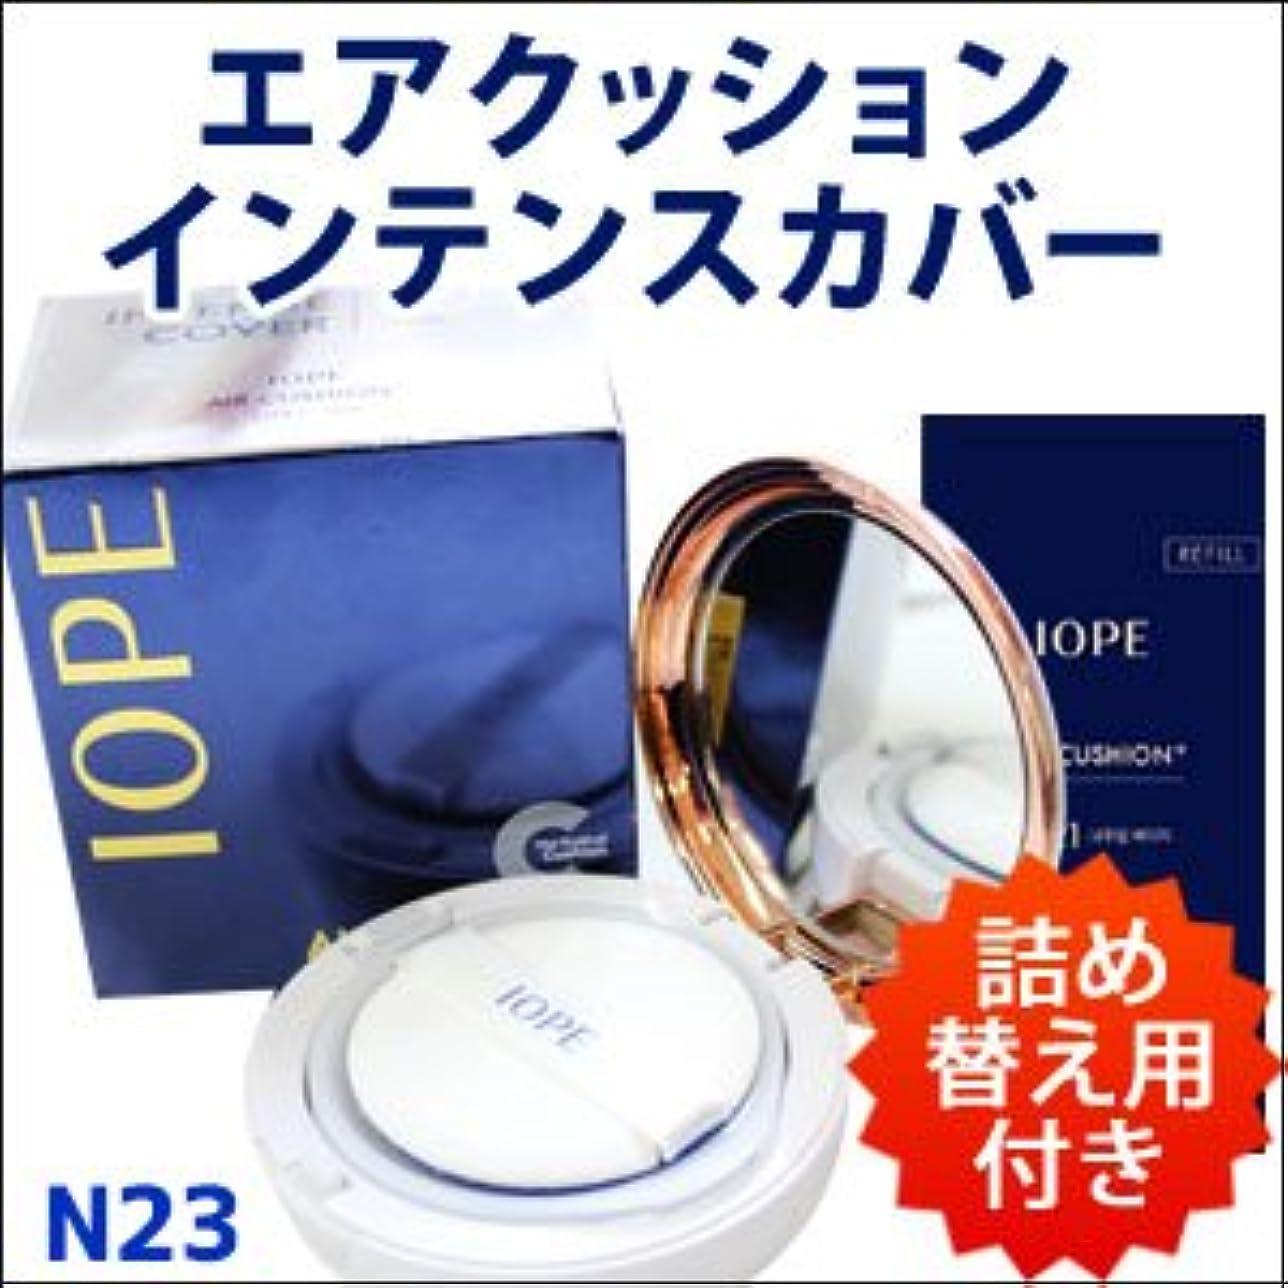 五月広告スカルクアイオペ エアクッション インテンス カバー N23 SPF50/PA+++ 詰め替え用付き